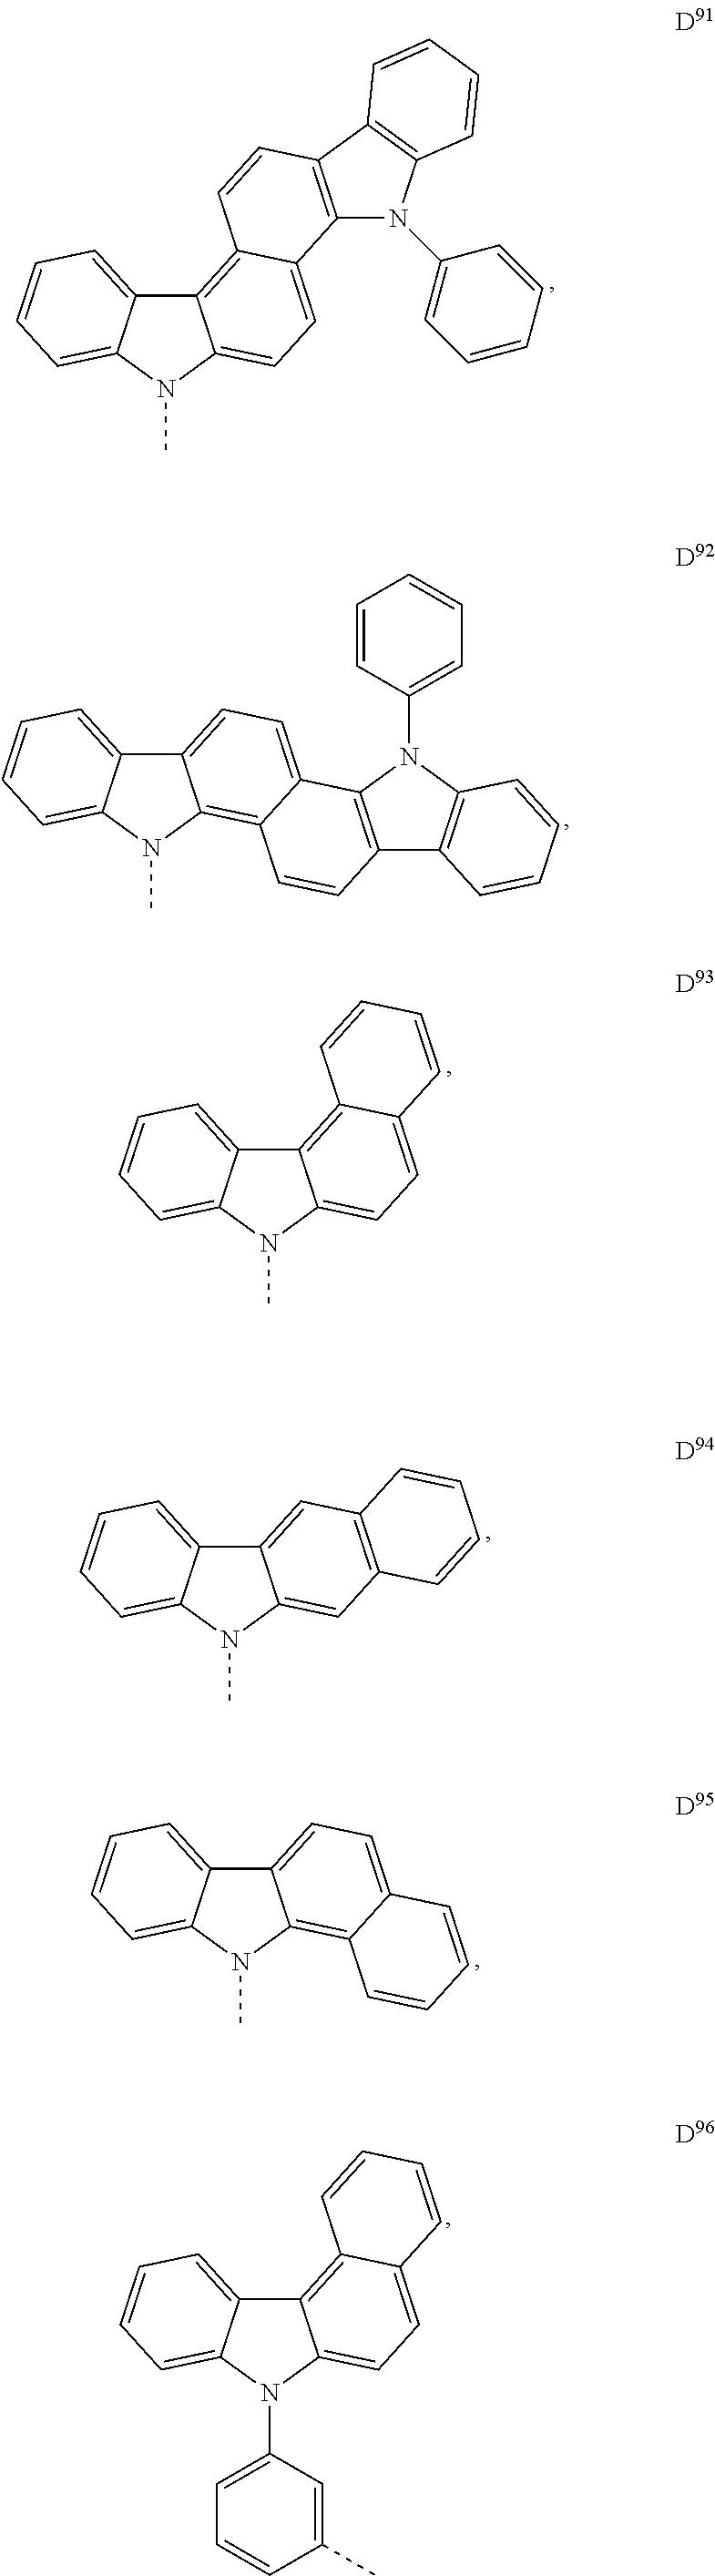 Figure US20170033295A1-20170202-C00052